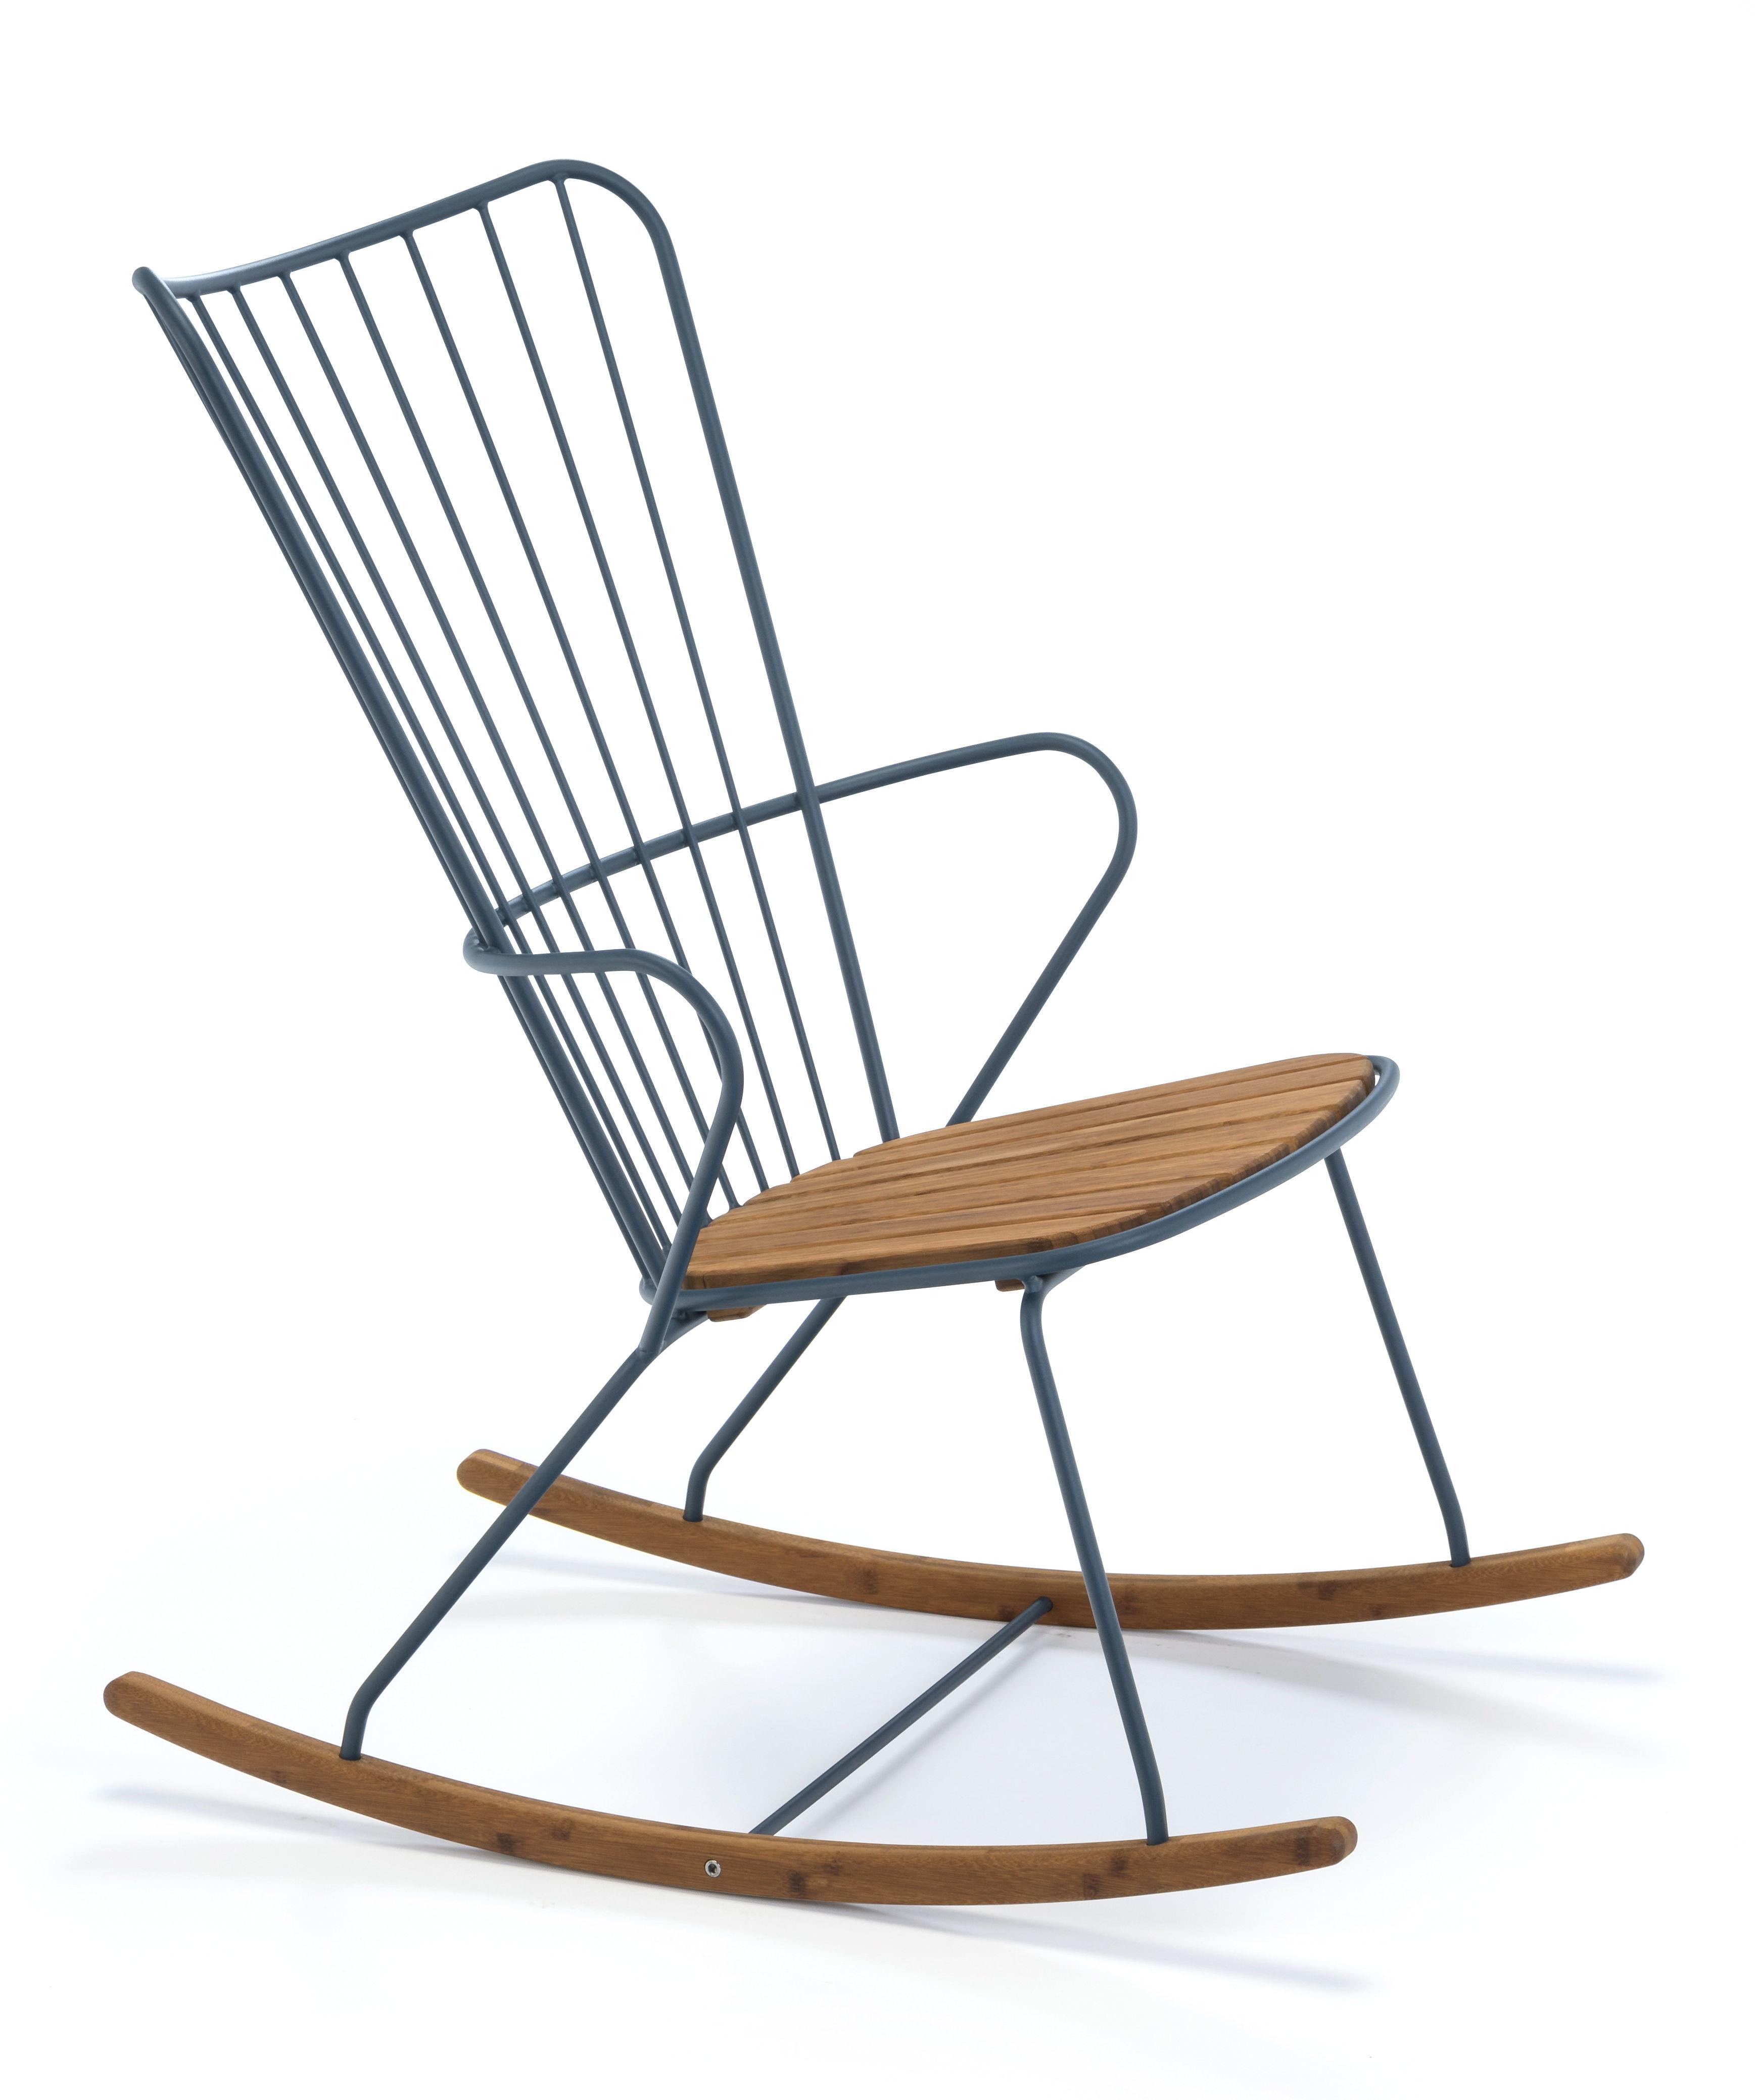 Déco - Objets déco et cadres-photos - Rocking chair Paon / Métal & bambou - Houe - Bleu - Acier revêtement poudre, Bambou